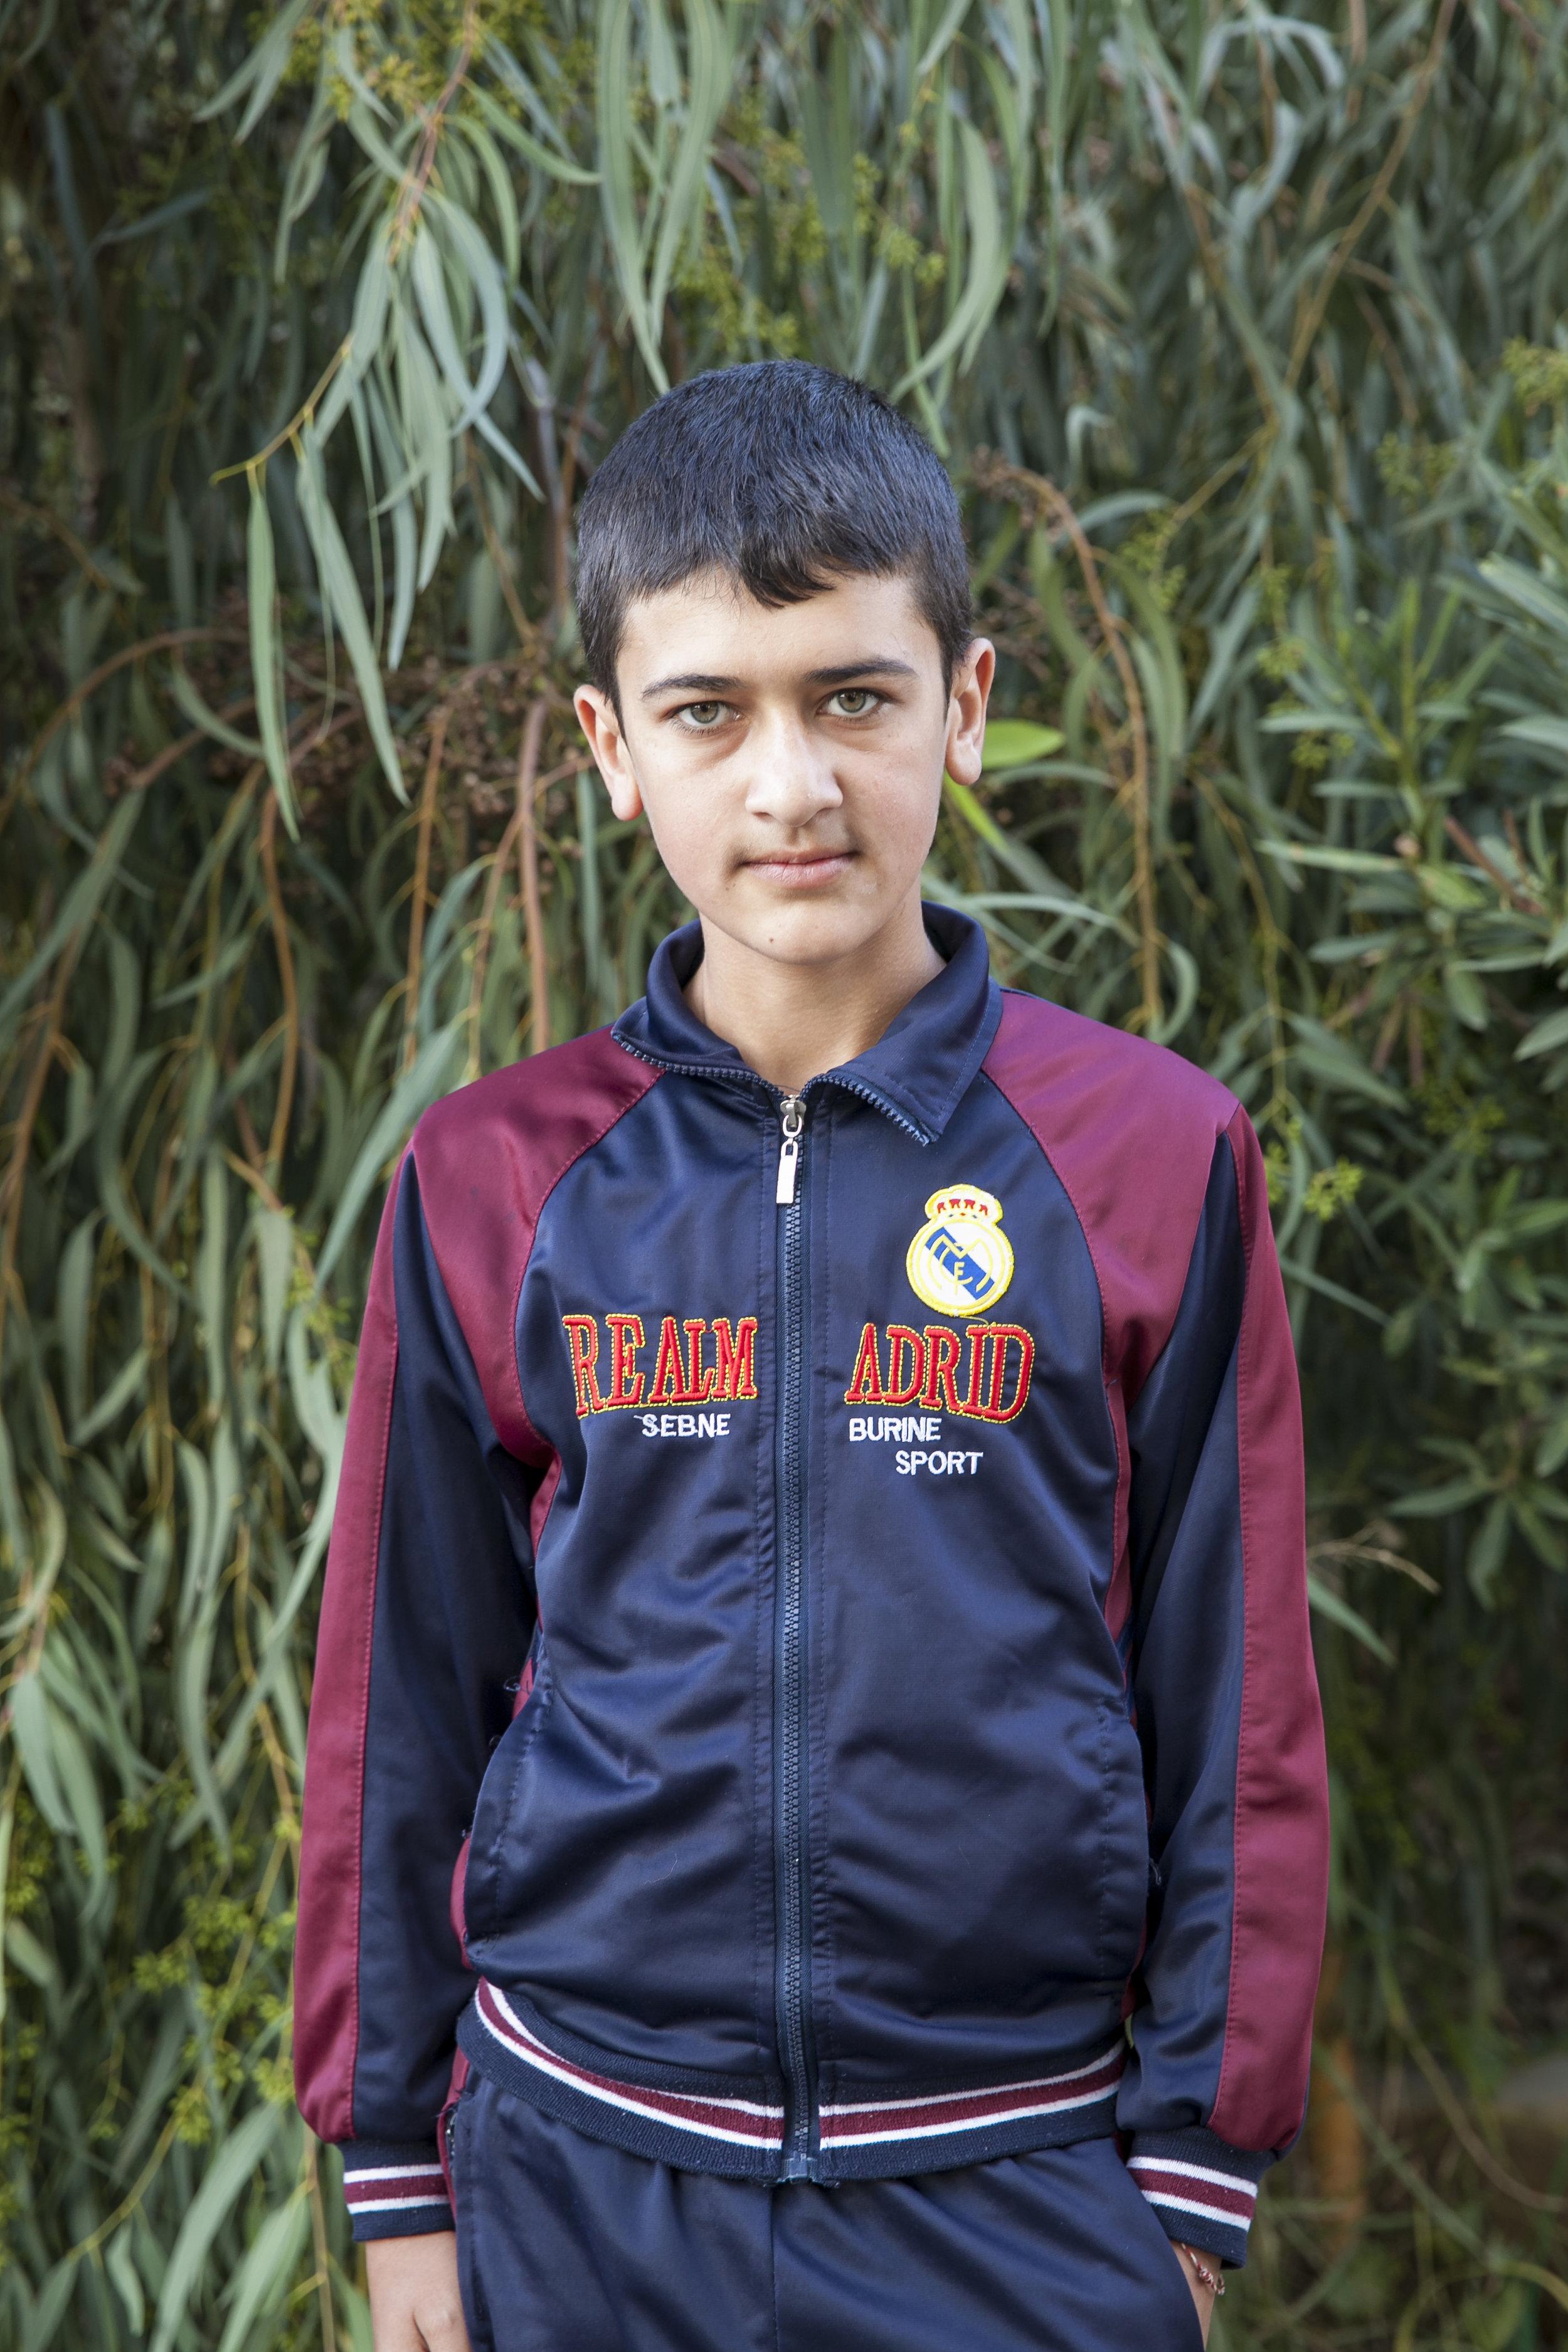 20141205_Refugee_GH_0541.jpg